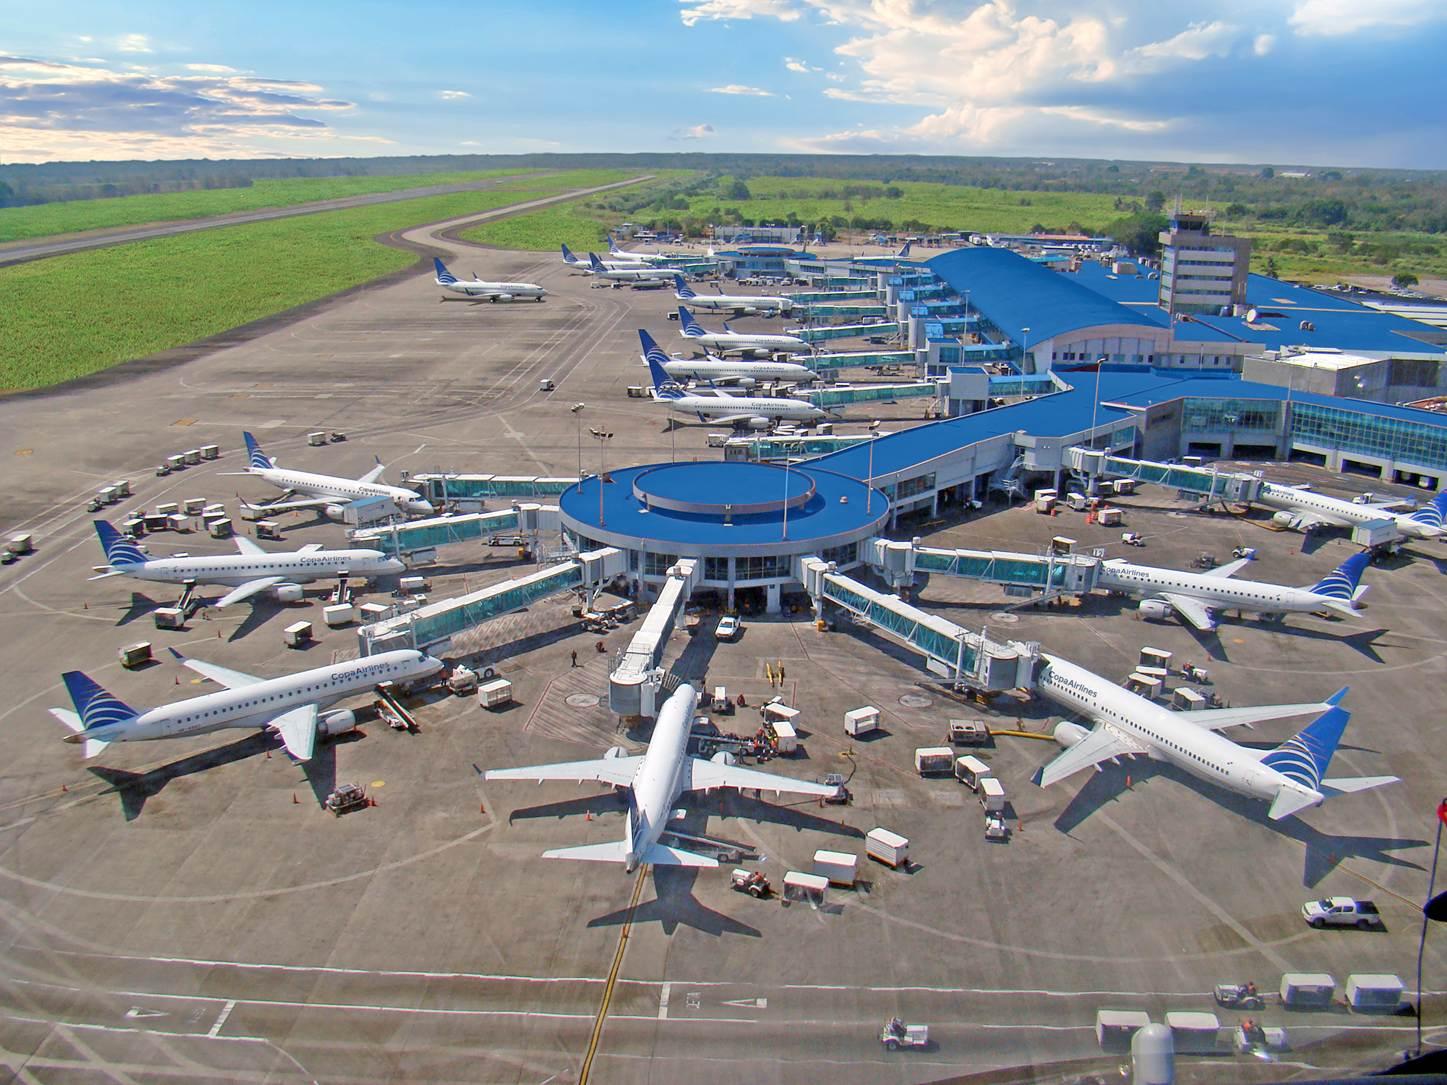 Se incrementa 9.5% el flujo de pasajeros en aeropuertos que maneja Aerodom